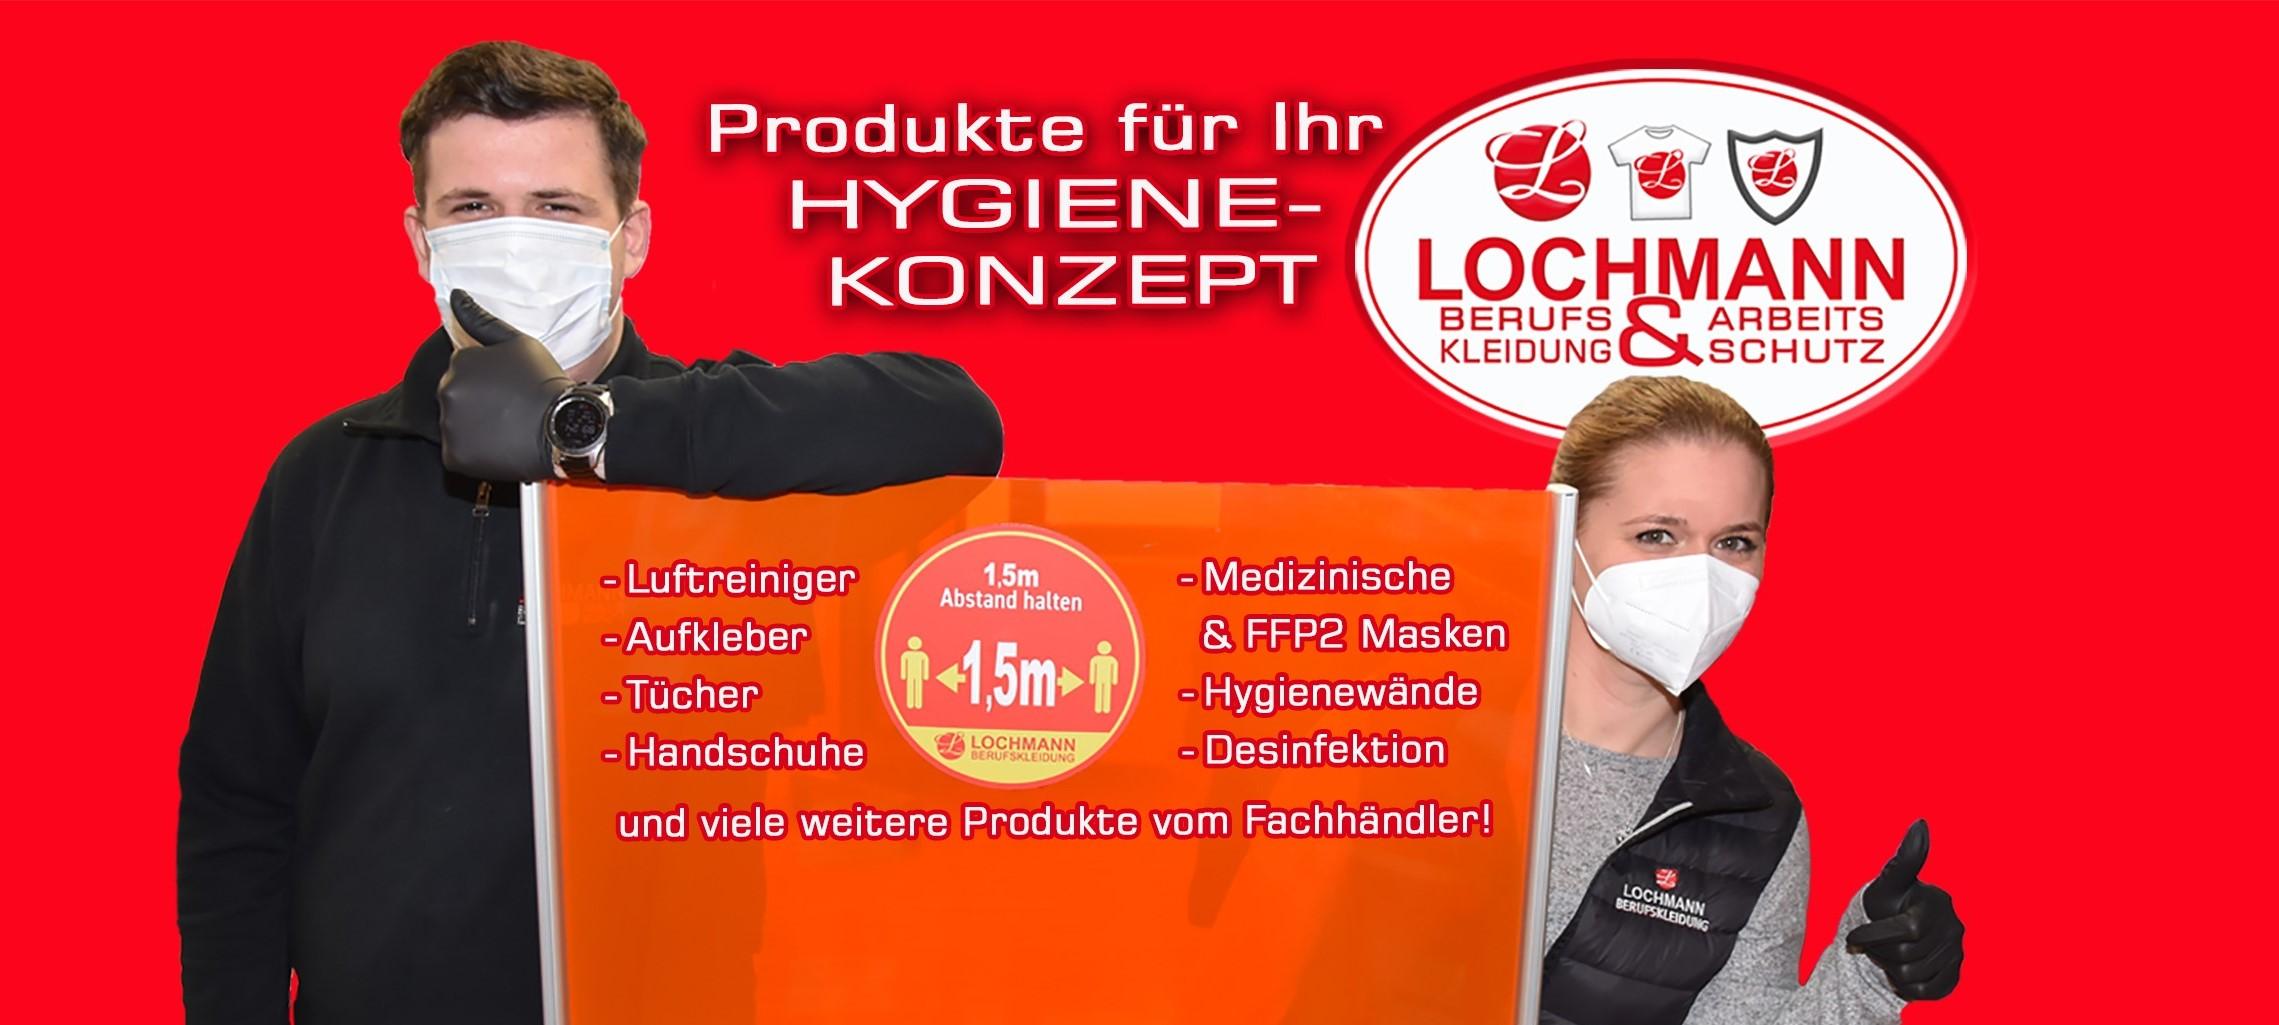 Produkte für Ihr Hygienekonzept